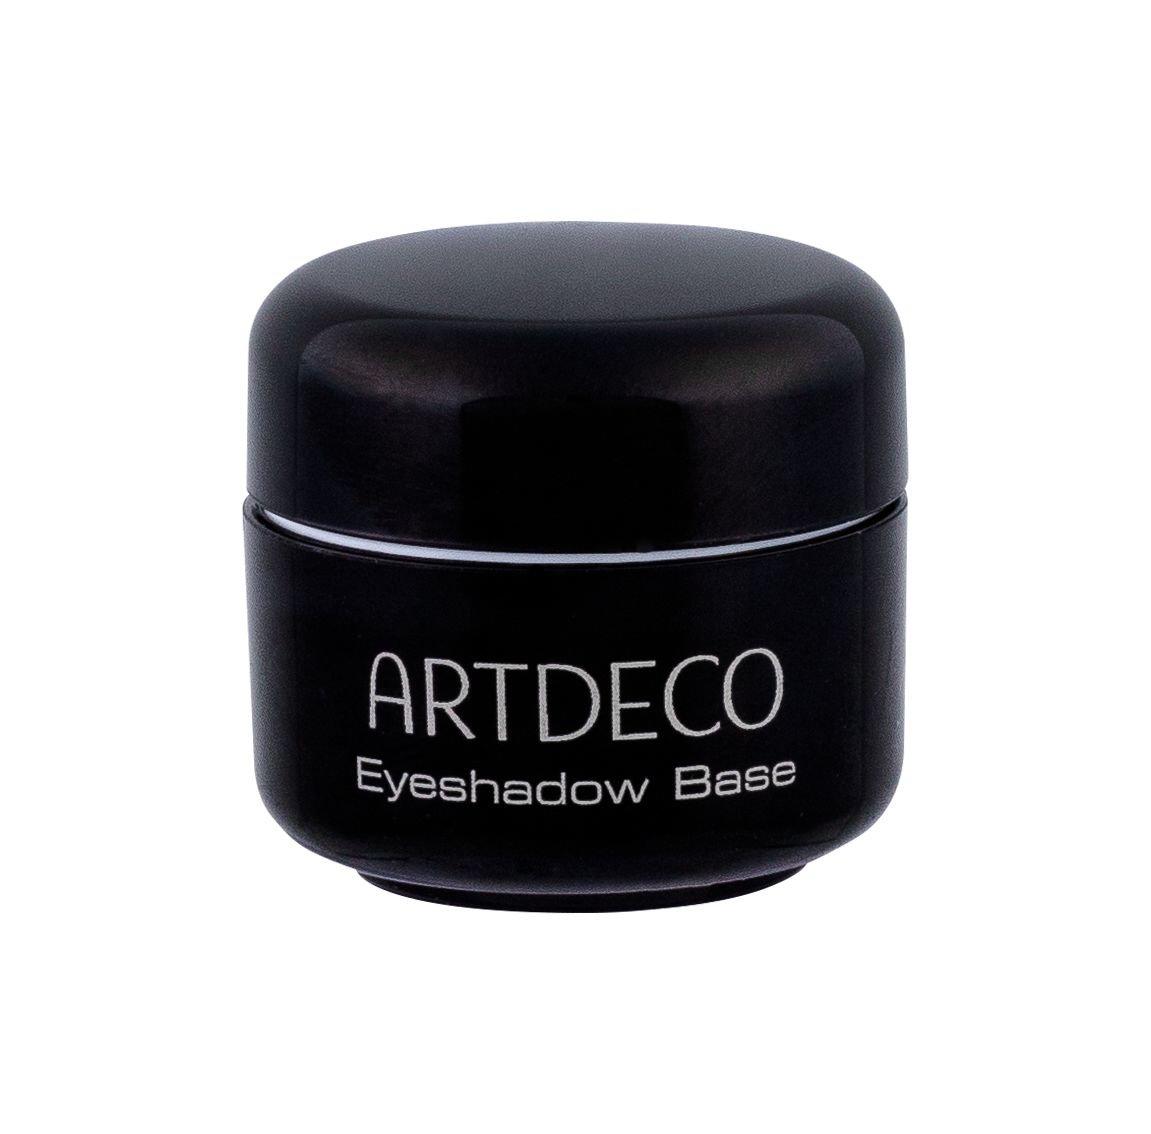 Artdeco Eyeshadow Base Eyeshadow Base 5ml